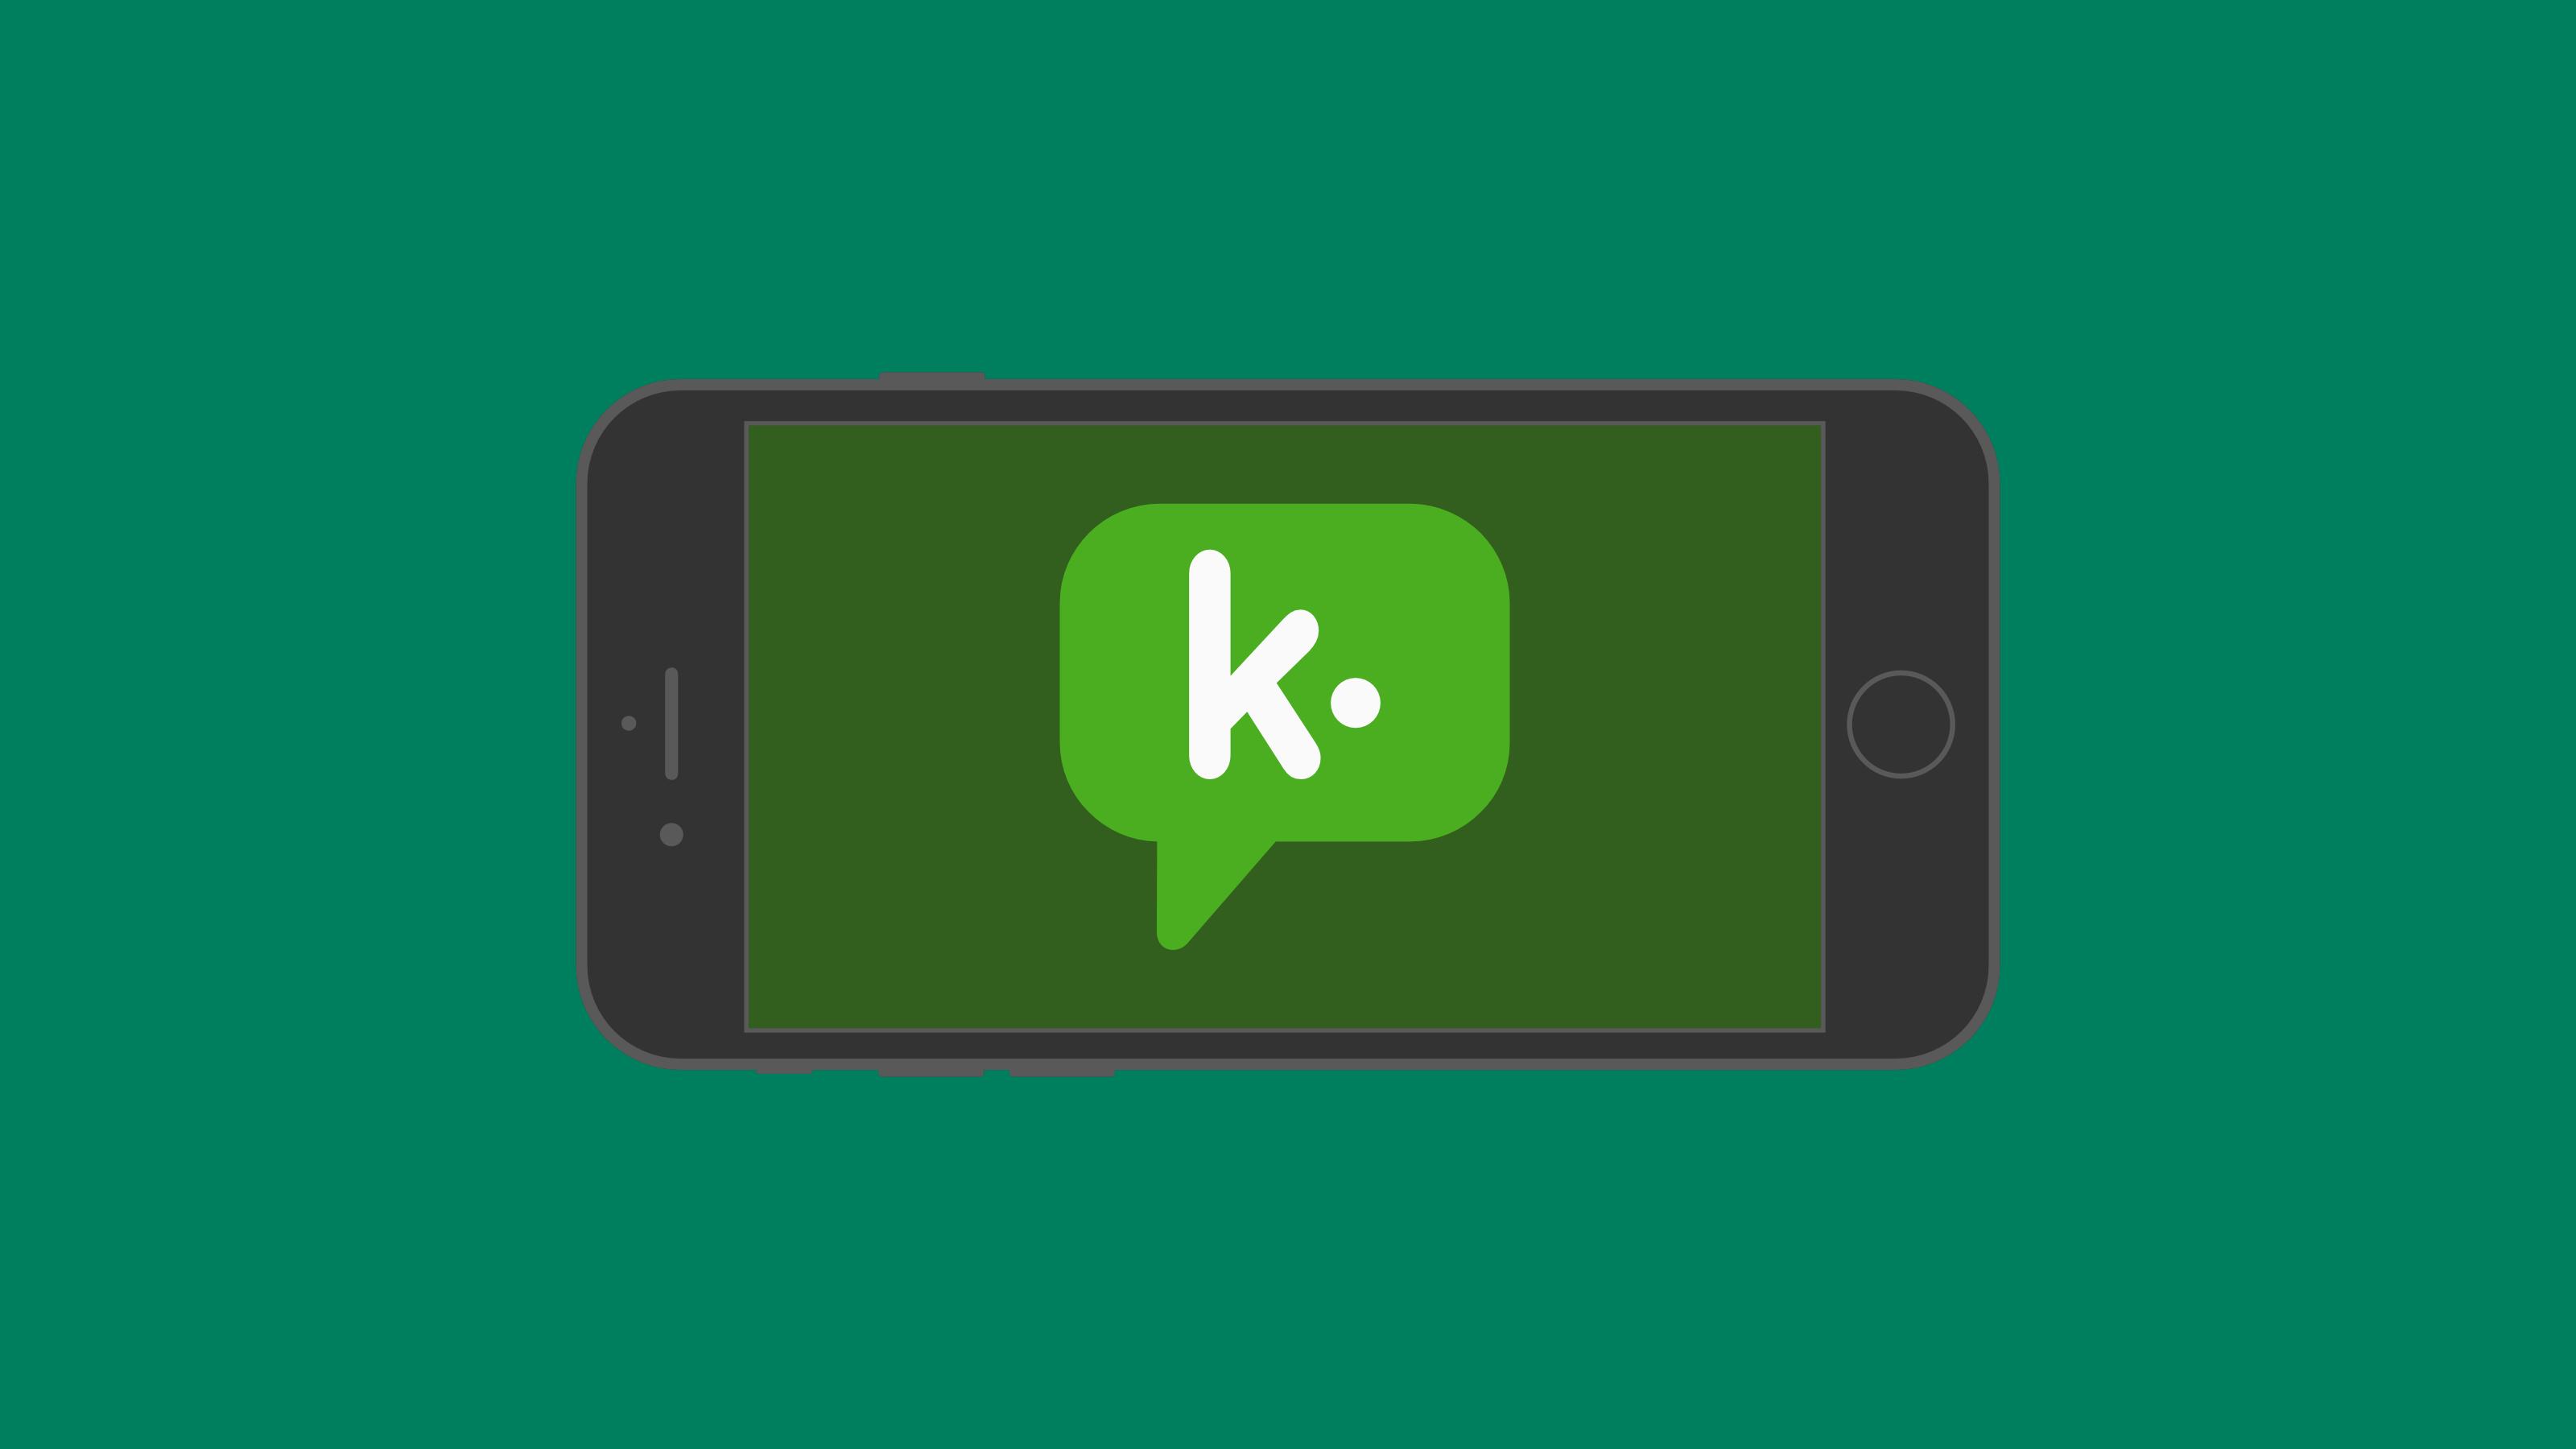 Messaging Apps Brands kik Messenger